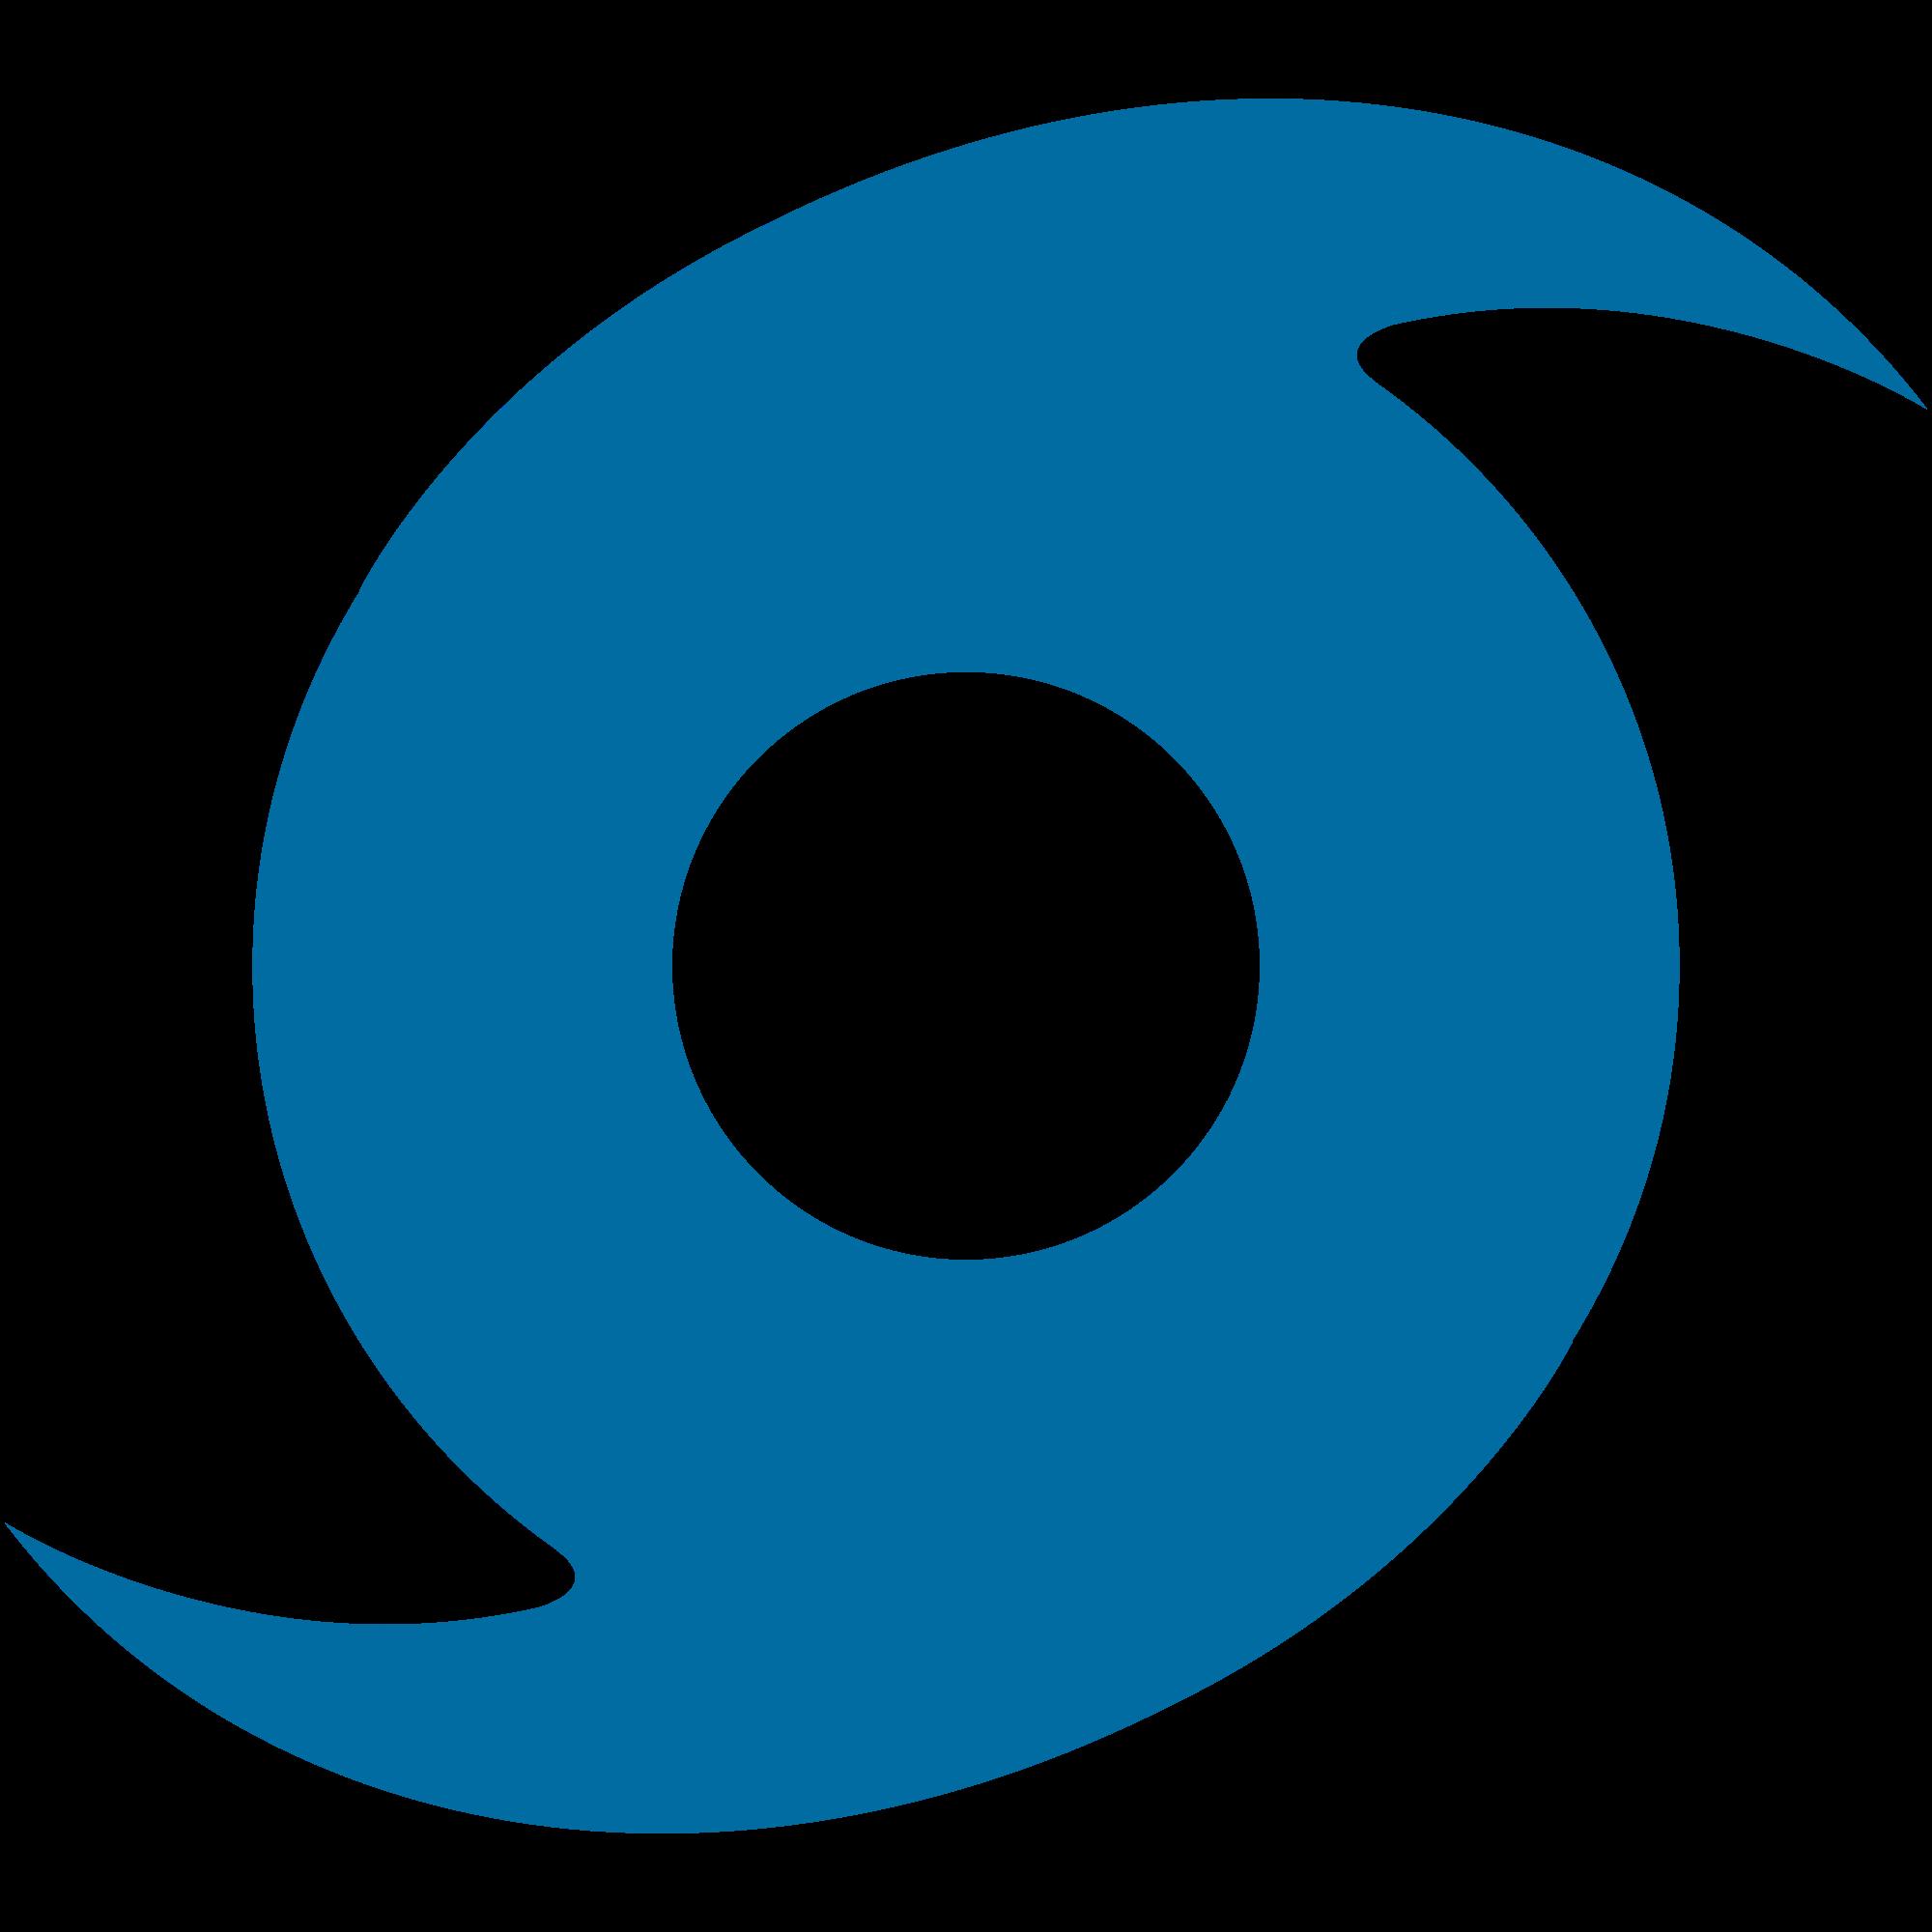 File emoji u f. Flood clipart typhoon